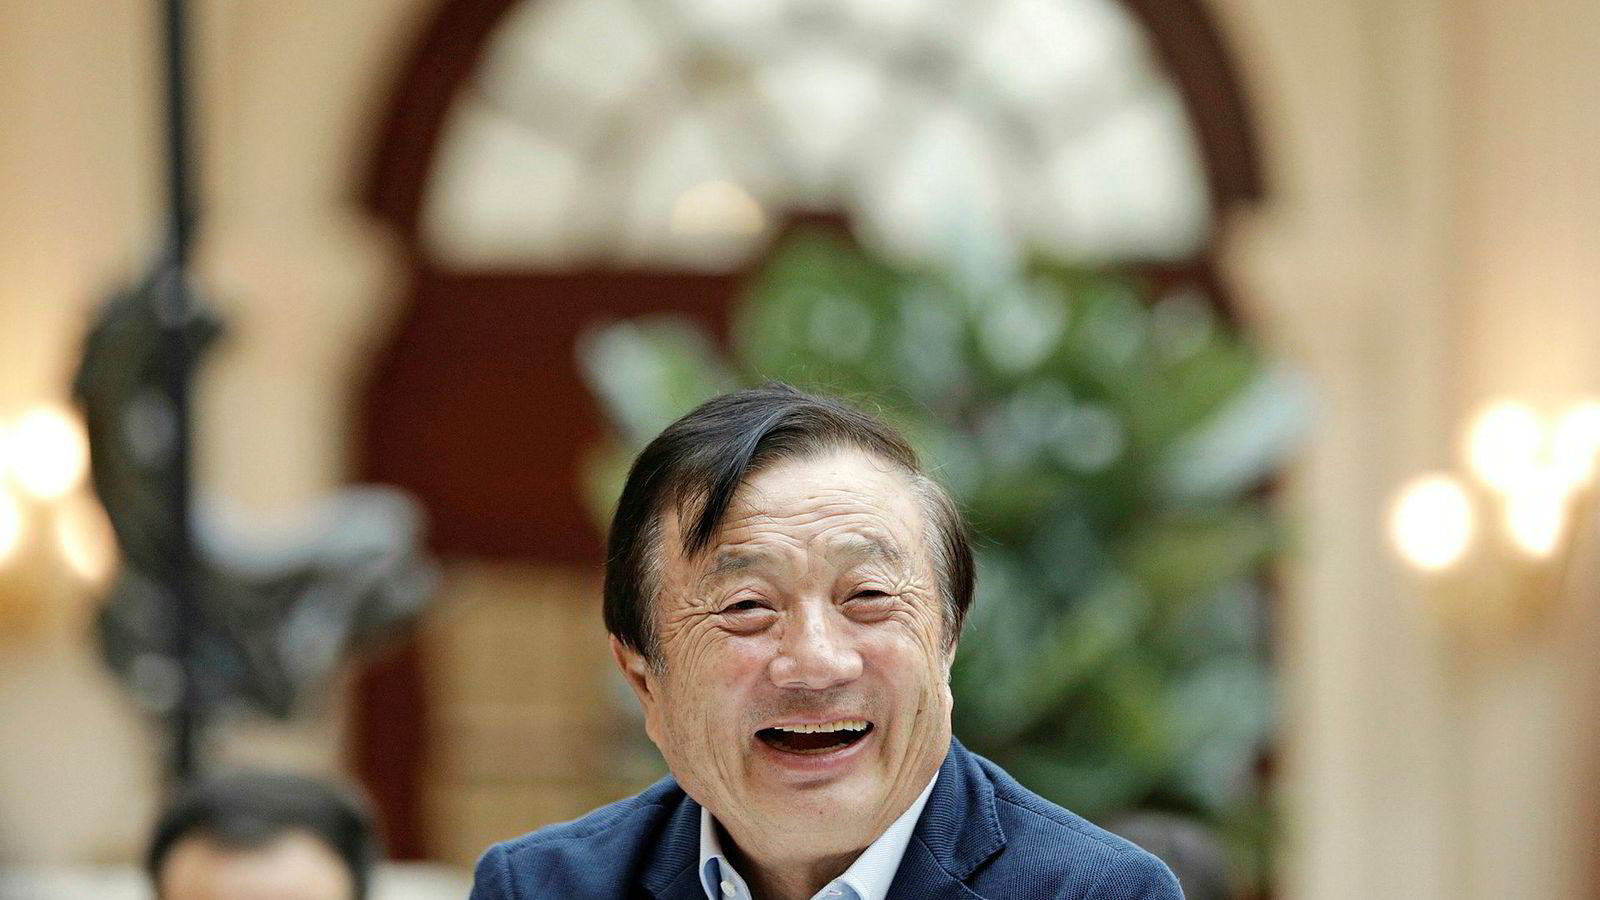 At Huawei-grunnlegger Ren Zhengfei nylig gikk ut og understreket at han absolutt ville avvise enhver forespørsel fra kinesiske myndigheter om å gi fra seg data fra kunder, sier mye om hvor avgjørende dette er for Huawei. Ren Zhengfei har knapt gitt et intervju de siste 30 årene.